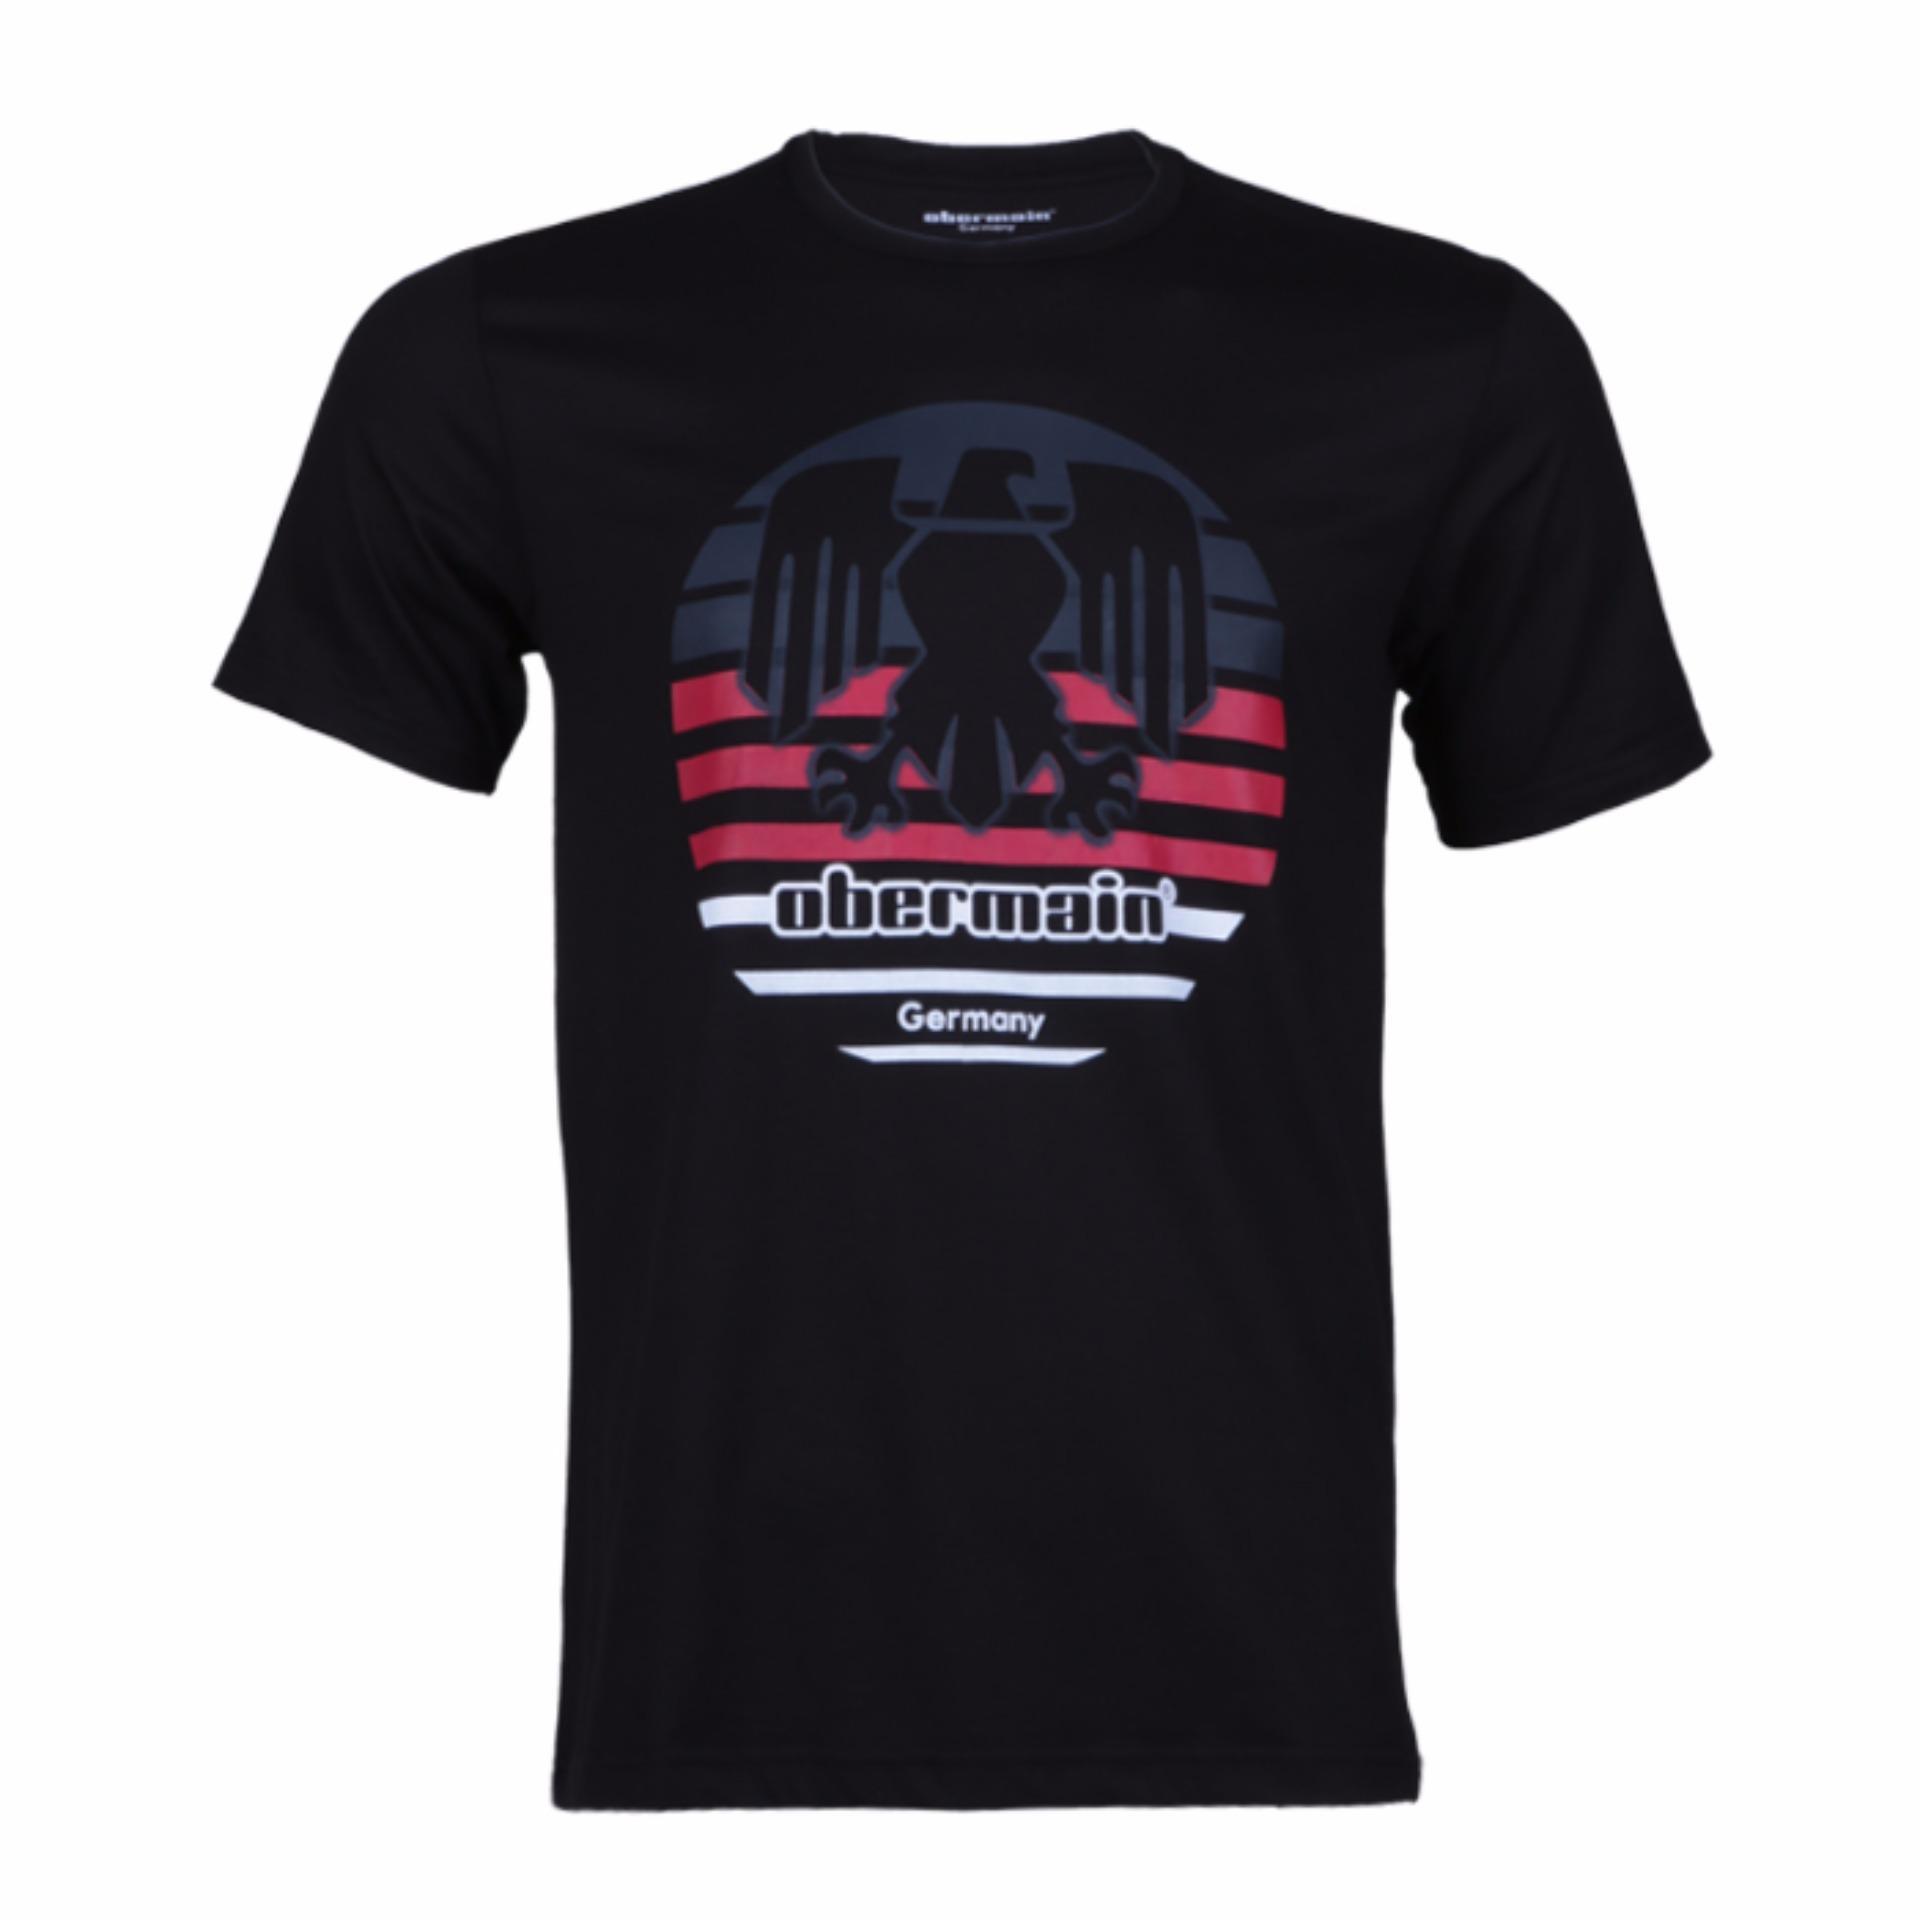 Obermain T Shirt Pria Germany Obermain Diskon